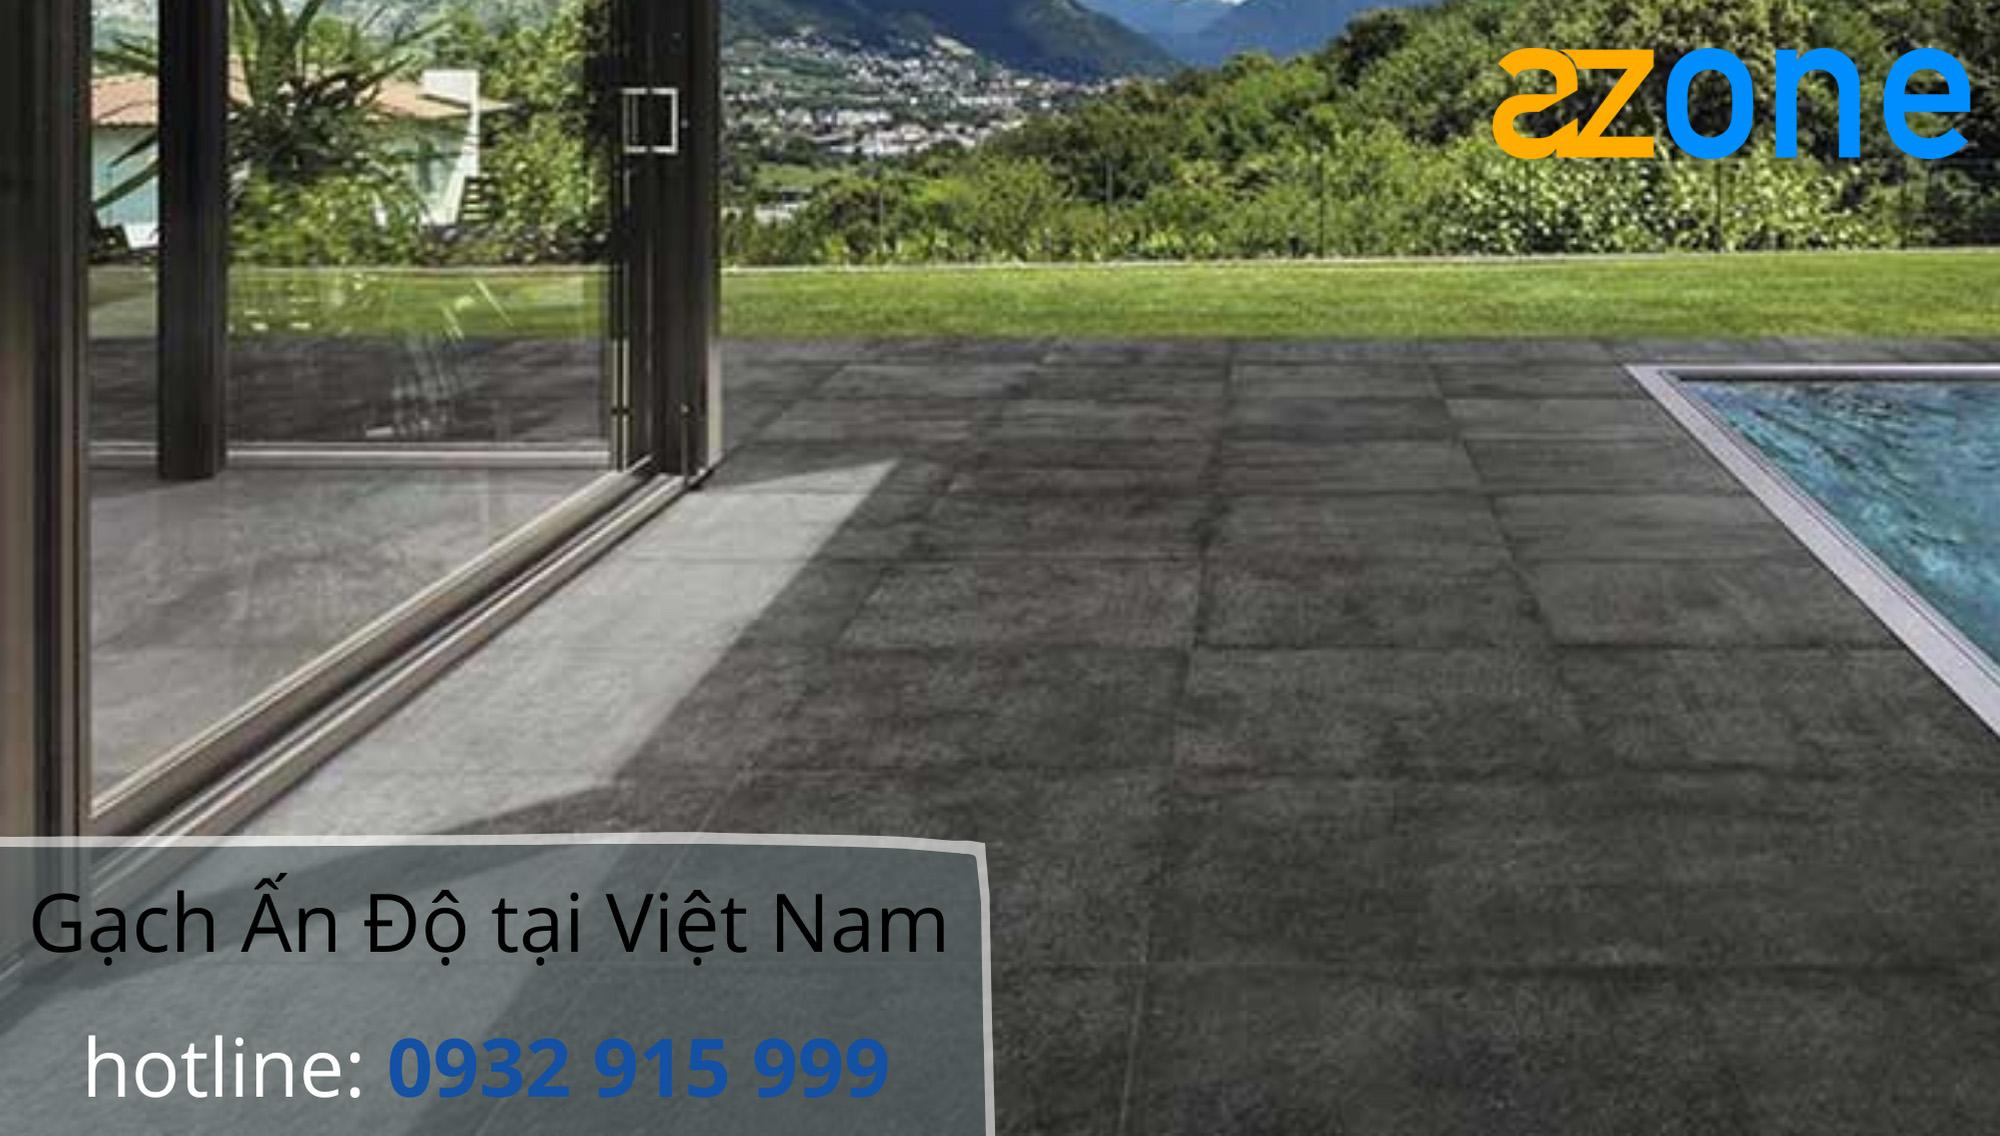 Vì sao gạch Ấn Độ lại được yêu thích ở Việt Nam ?